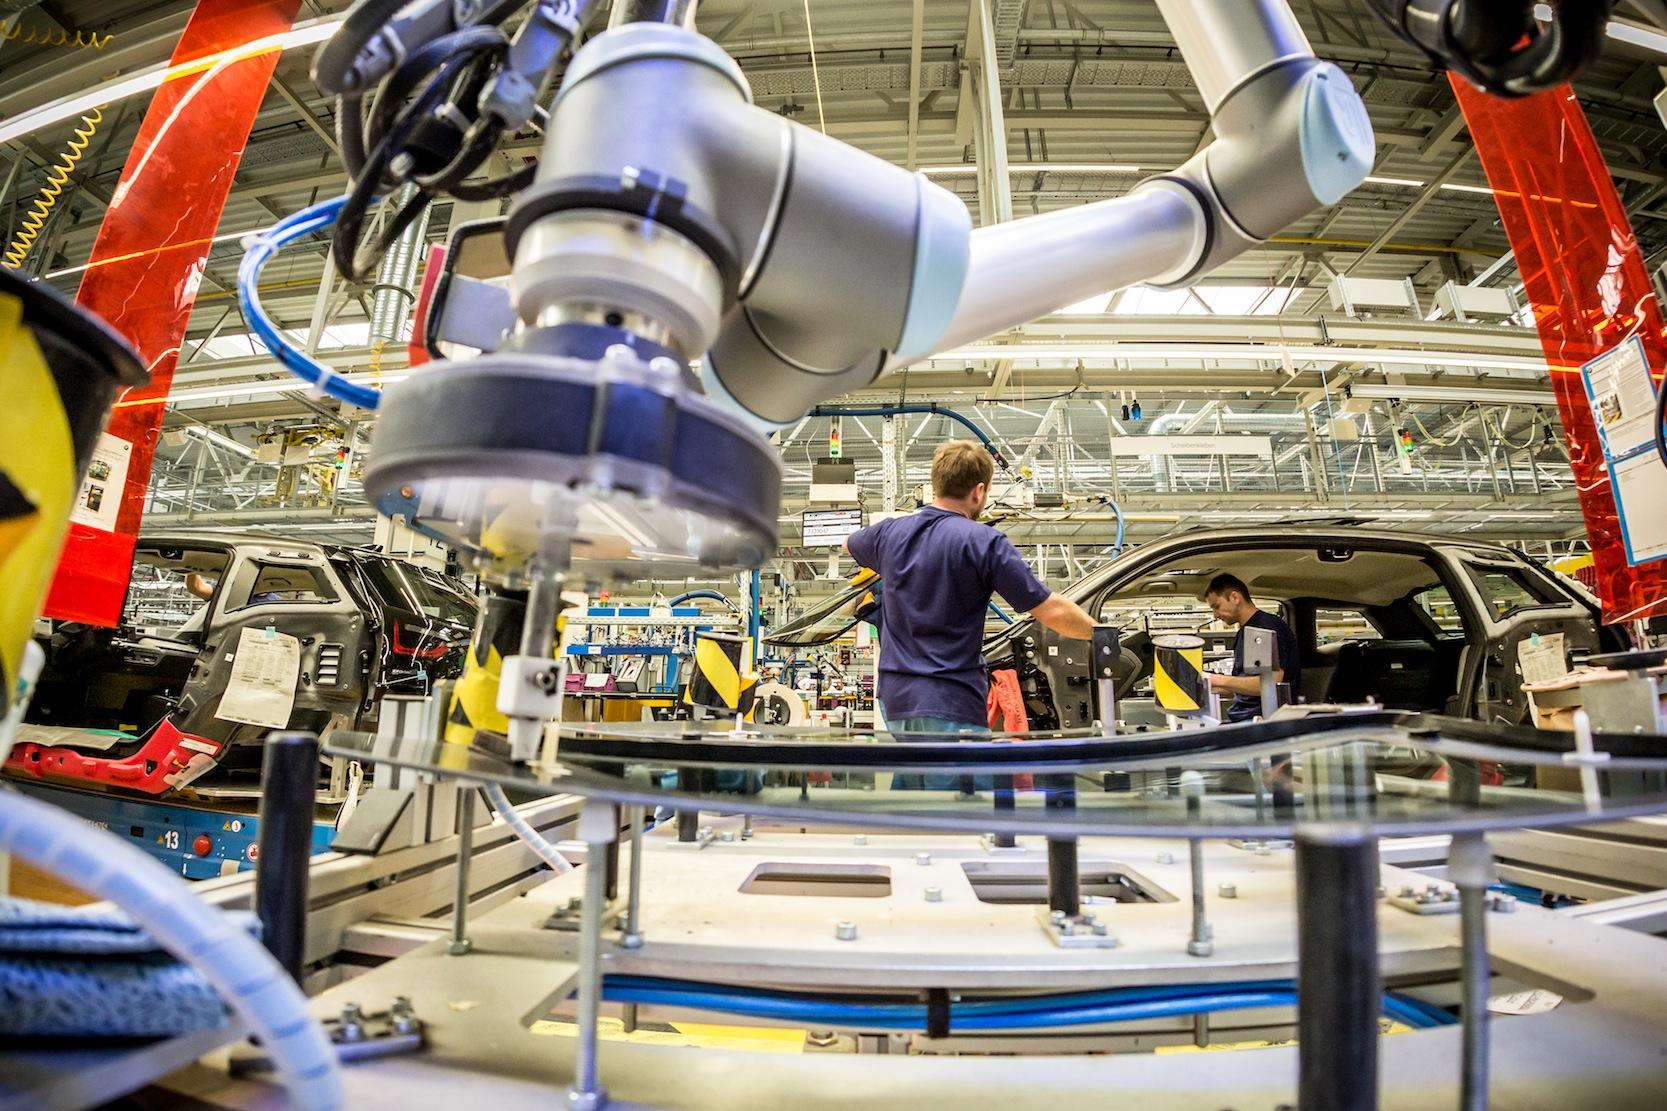 Teilweise haben die Autohersteller bis zu 30 tägliche Lieferfenster, in denen Zulieferer ihre Produkte in bestimmter Reihenfolge ans Band liefern müssen. Die Just-in-time-Produktion ist dadurch extrem störungsanfällig geworden.